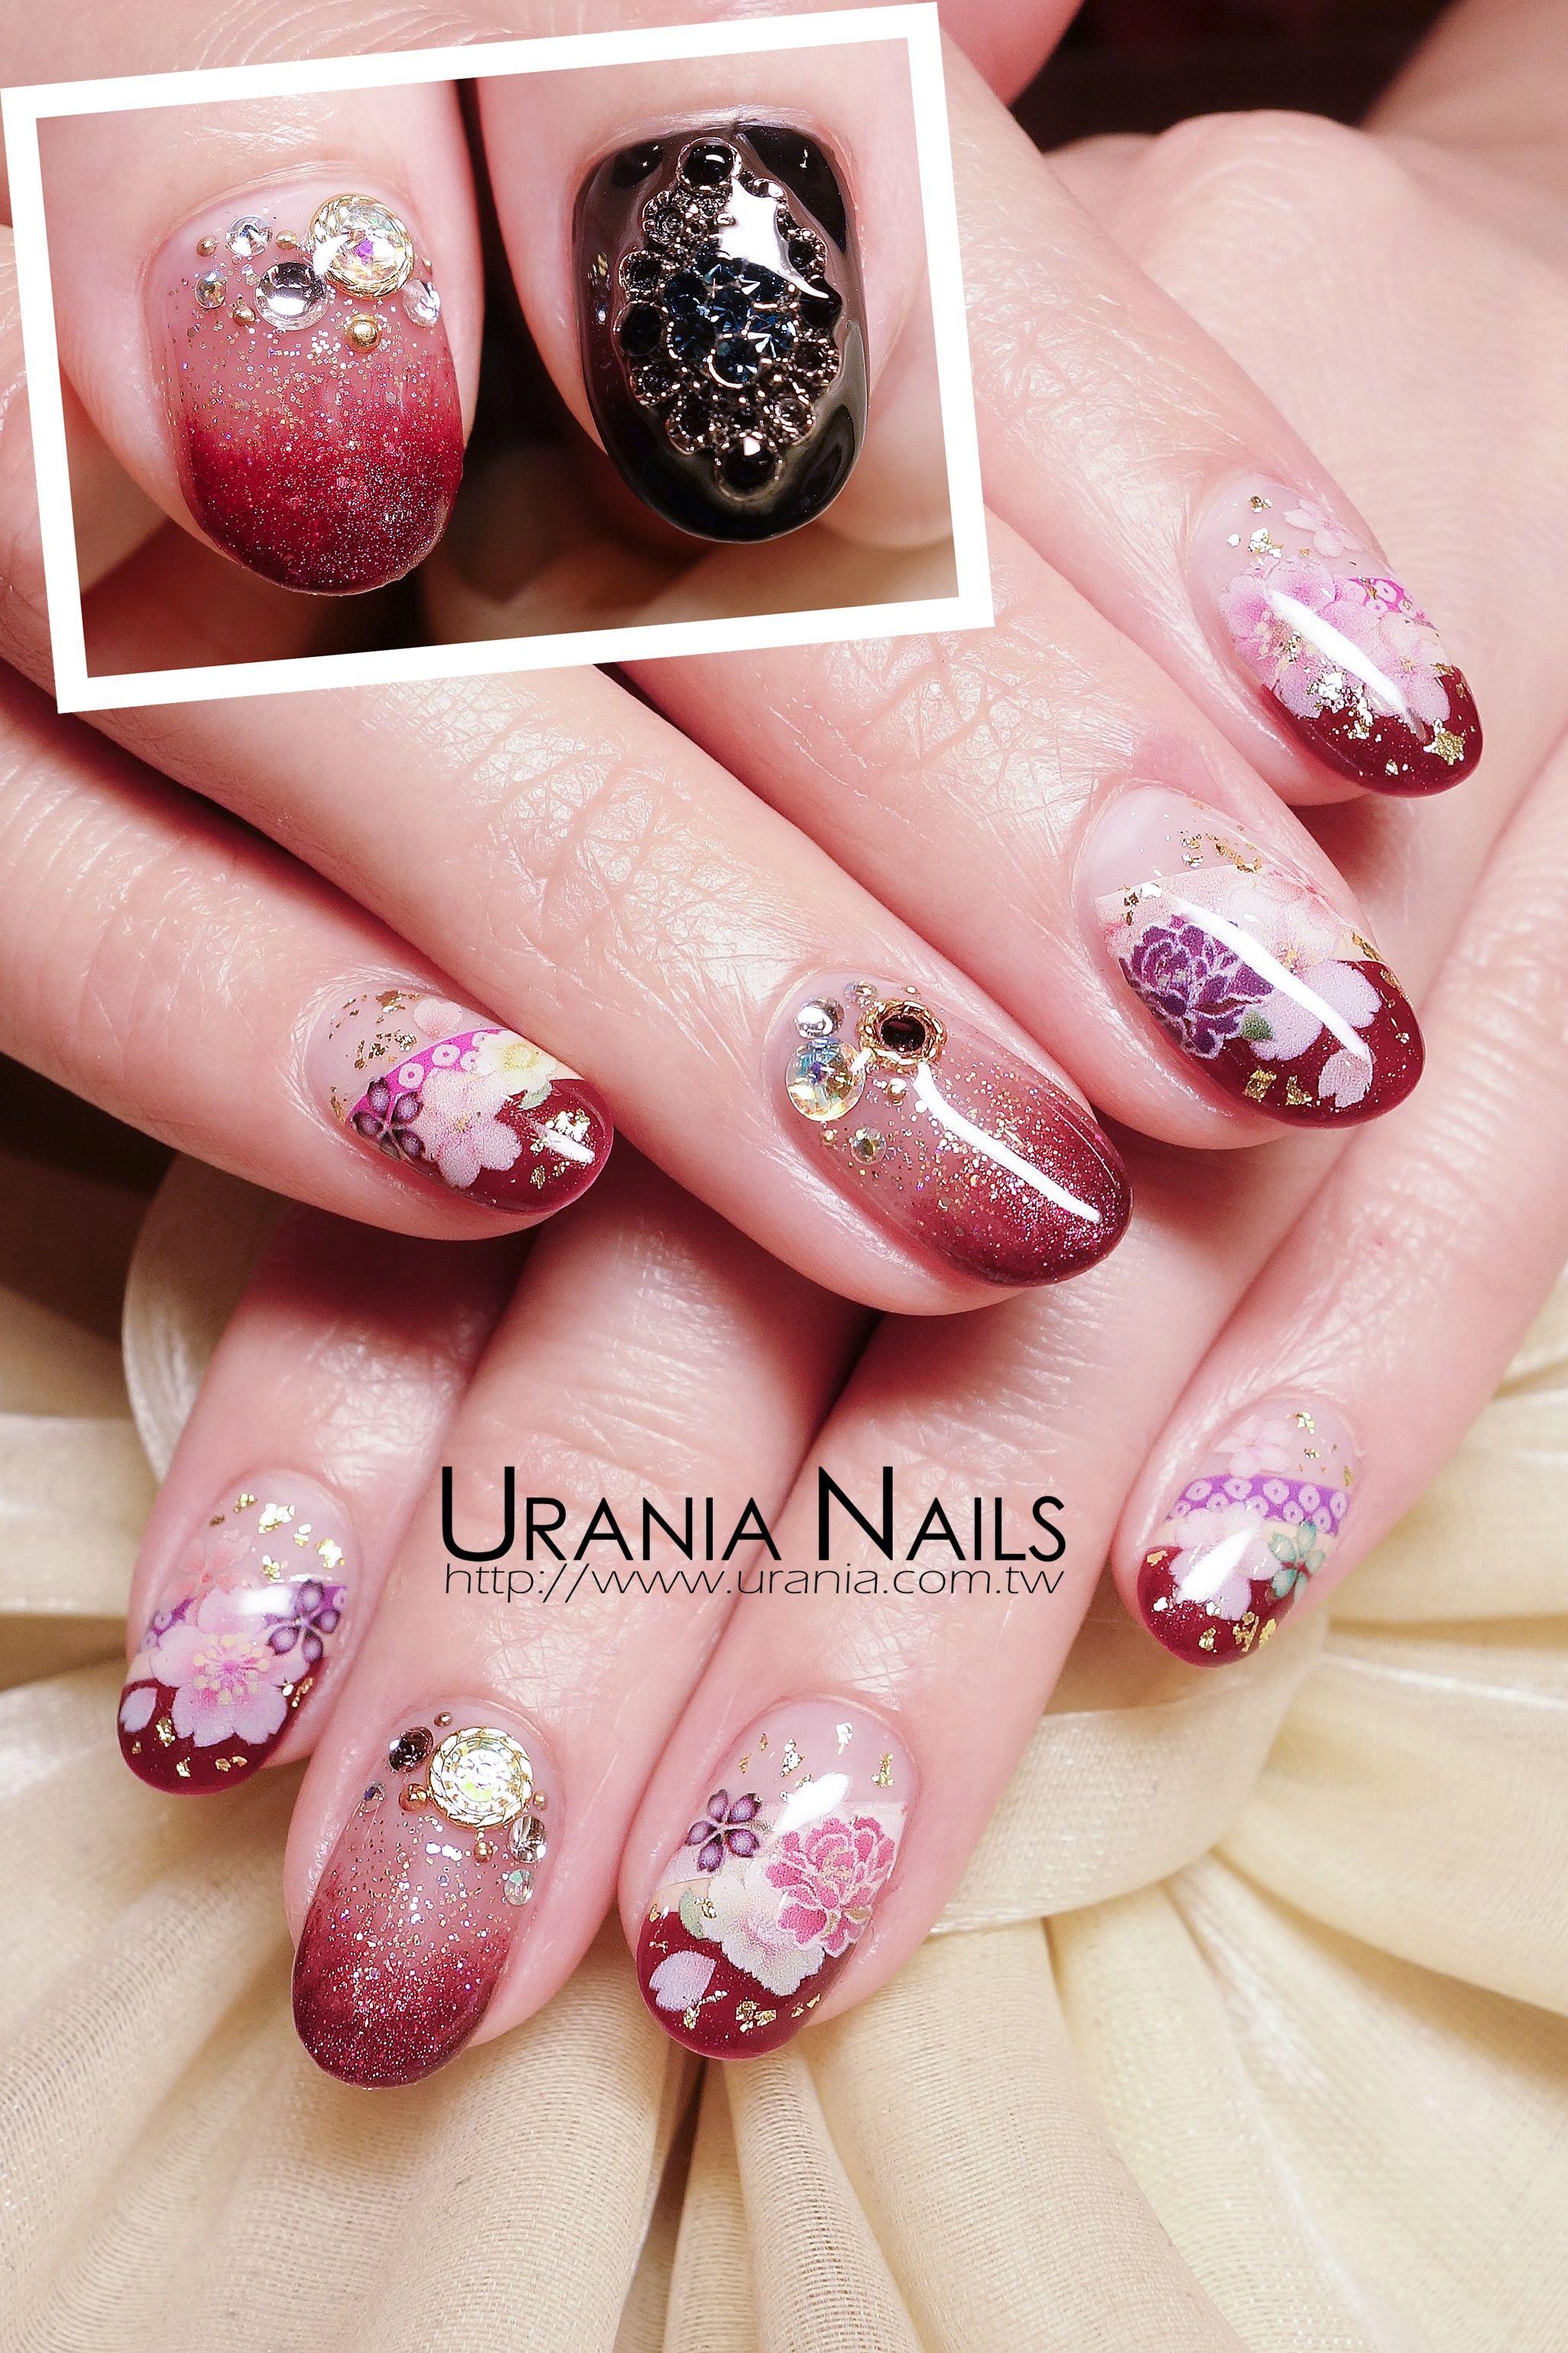 Gradation nails http://blog.urania.com.tw/?p=933 #nails #naildesign ...